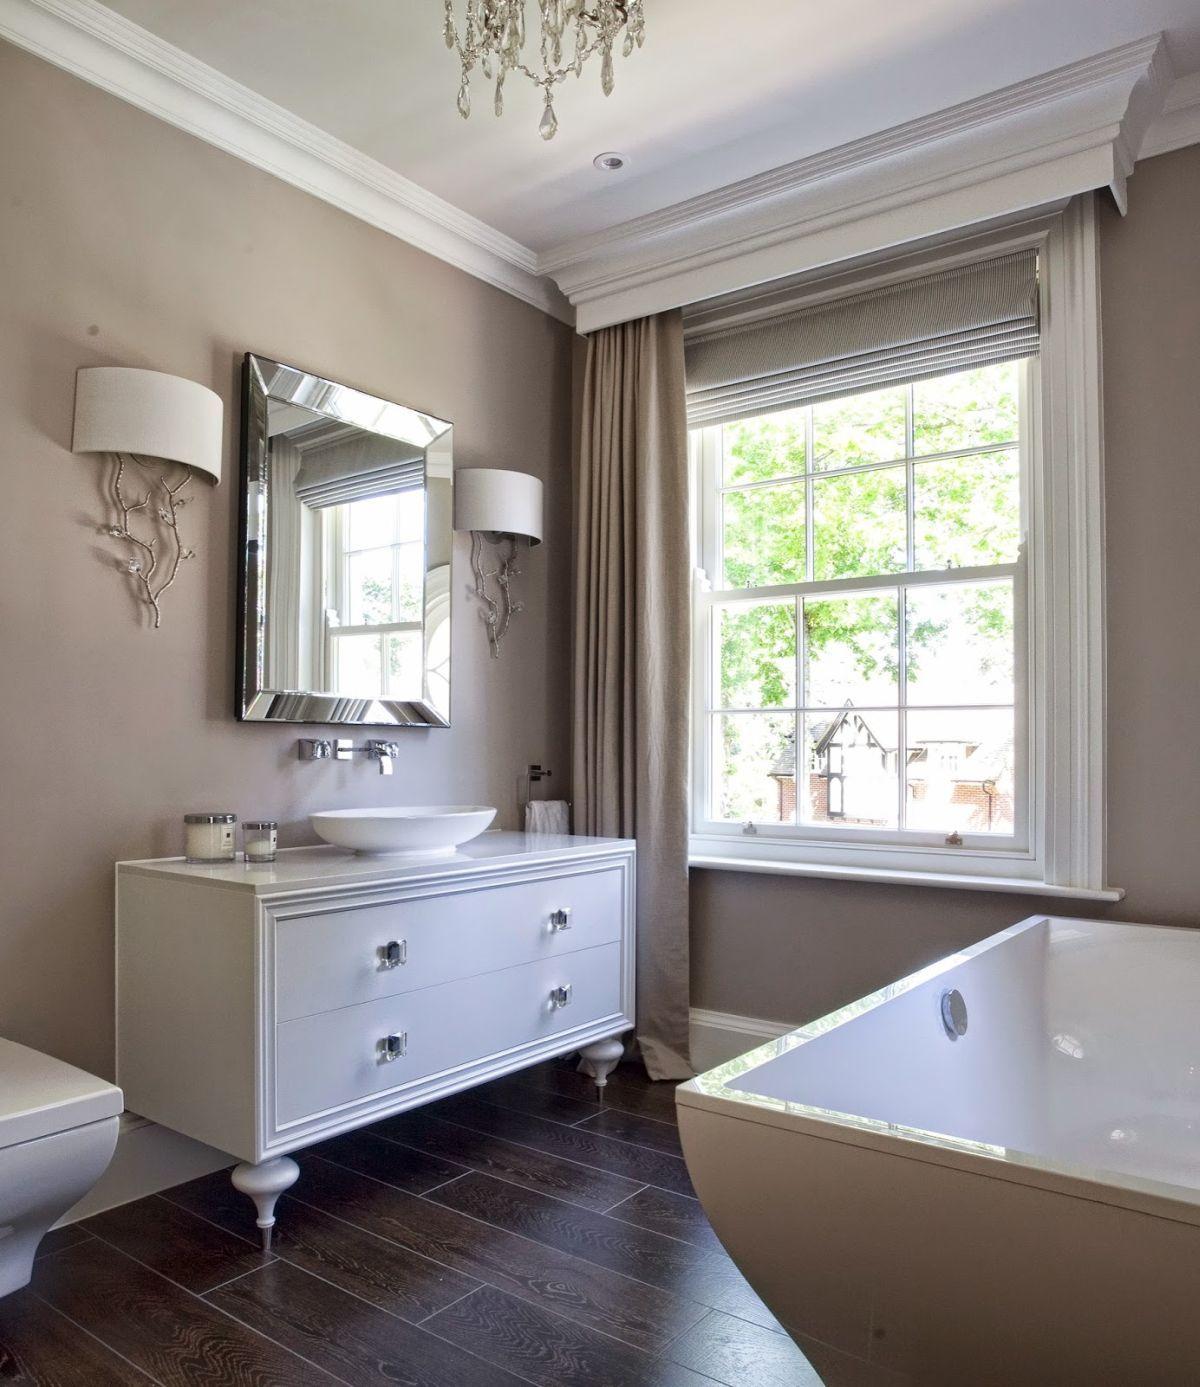 Badezimmer dekor rund um die wanne erstellen sie eine stilvolle taupe badezimmer dekor in